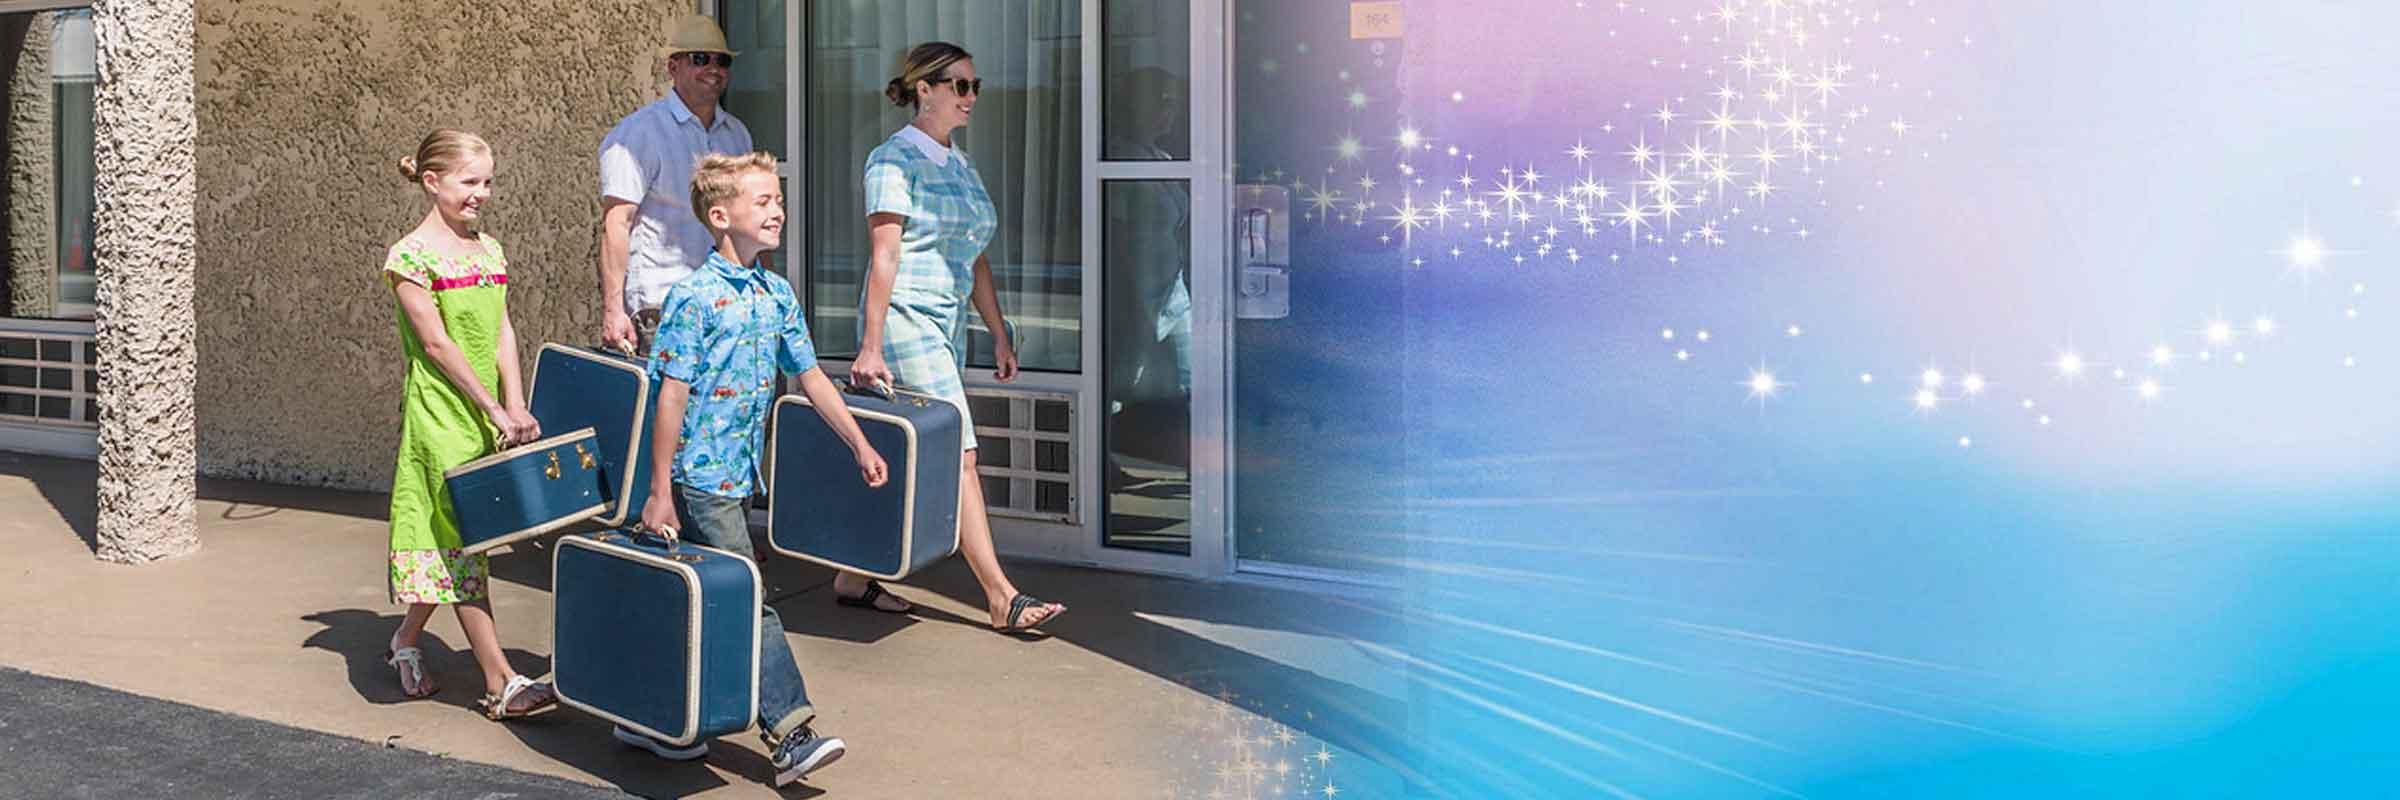 Kings Inn Anaheim — Hotel Near Disneyland — Best Value Anaheim Hotel ...